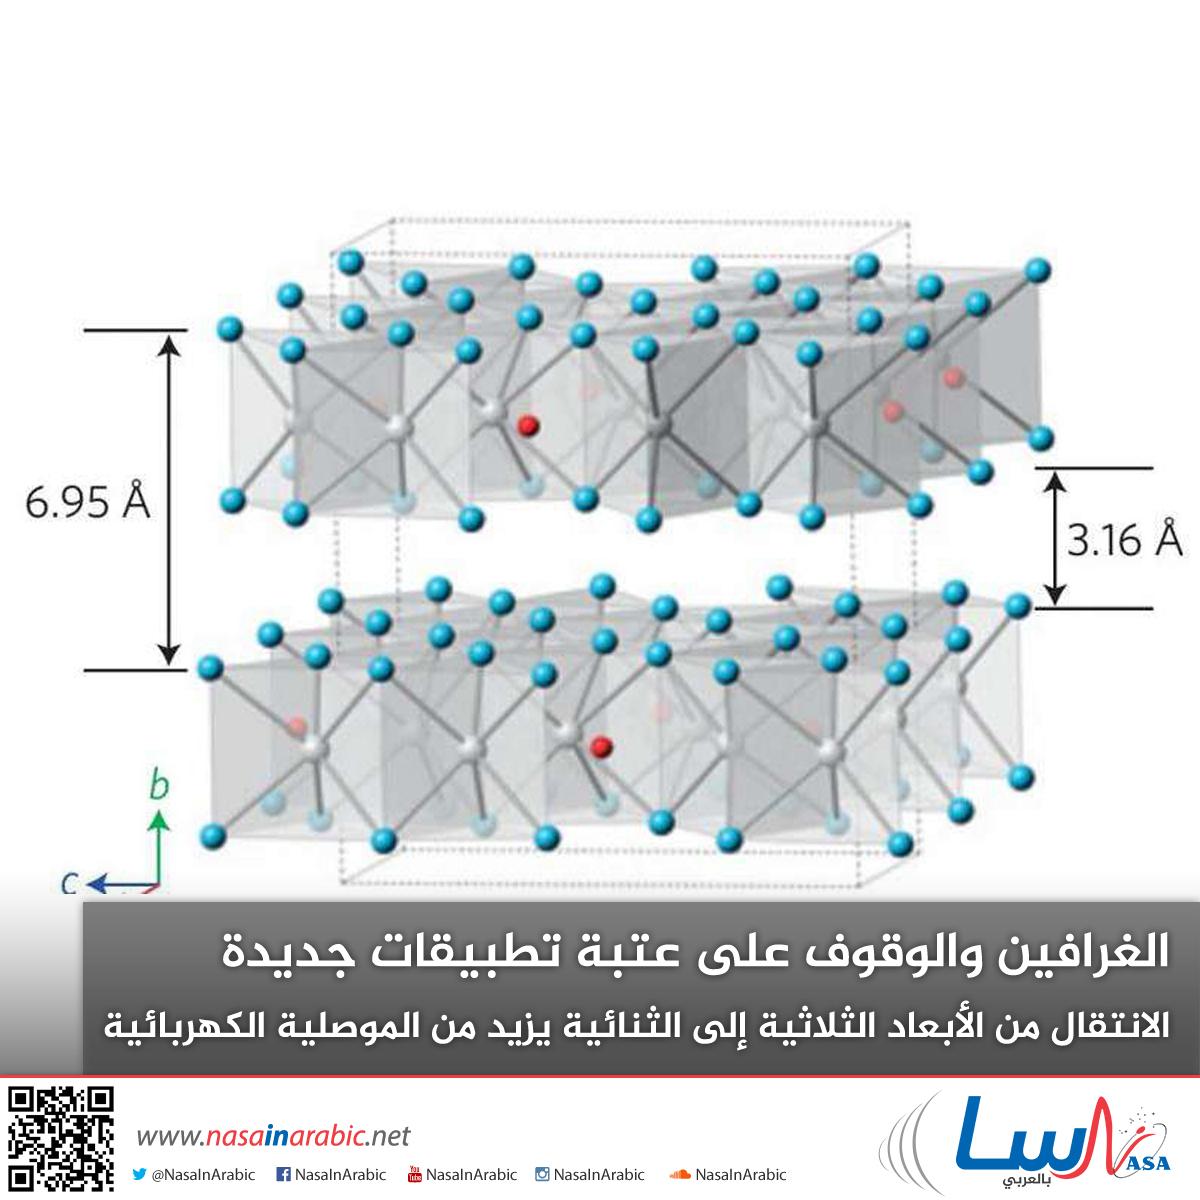 الغرافين والوقوف على عتبة تطبيقات جديدة الانتقال من الأبعاد الثلاثية إلى الثنائية يزيد من الموصلية الكهربائية